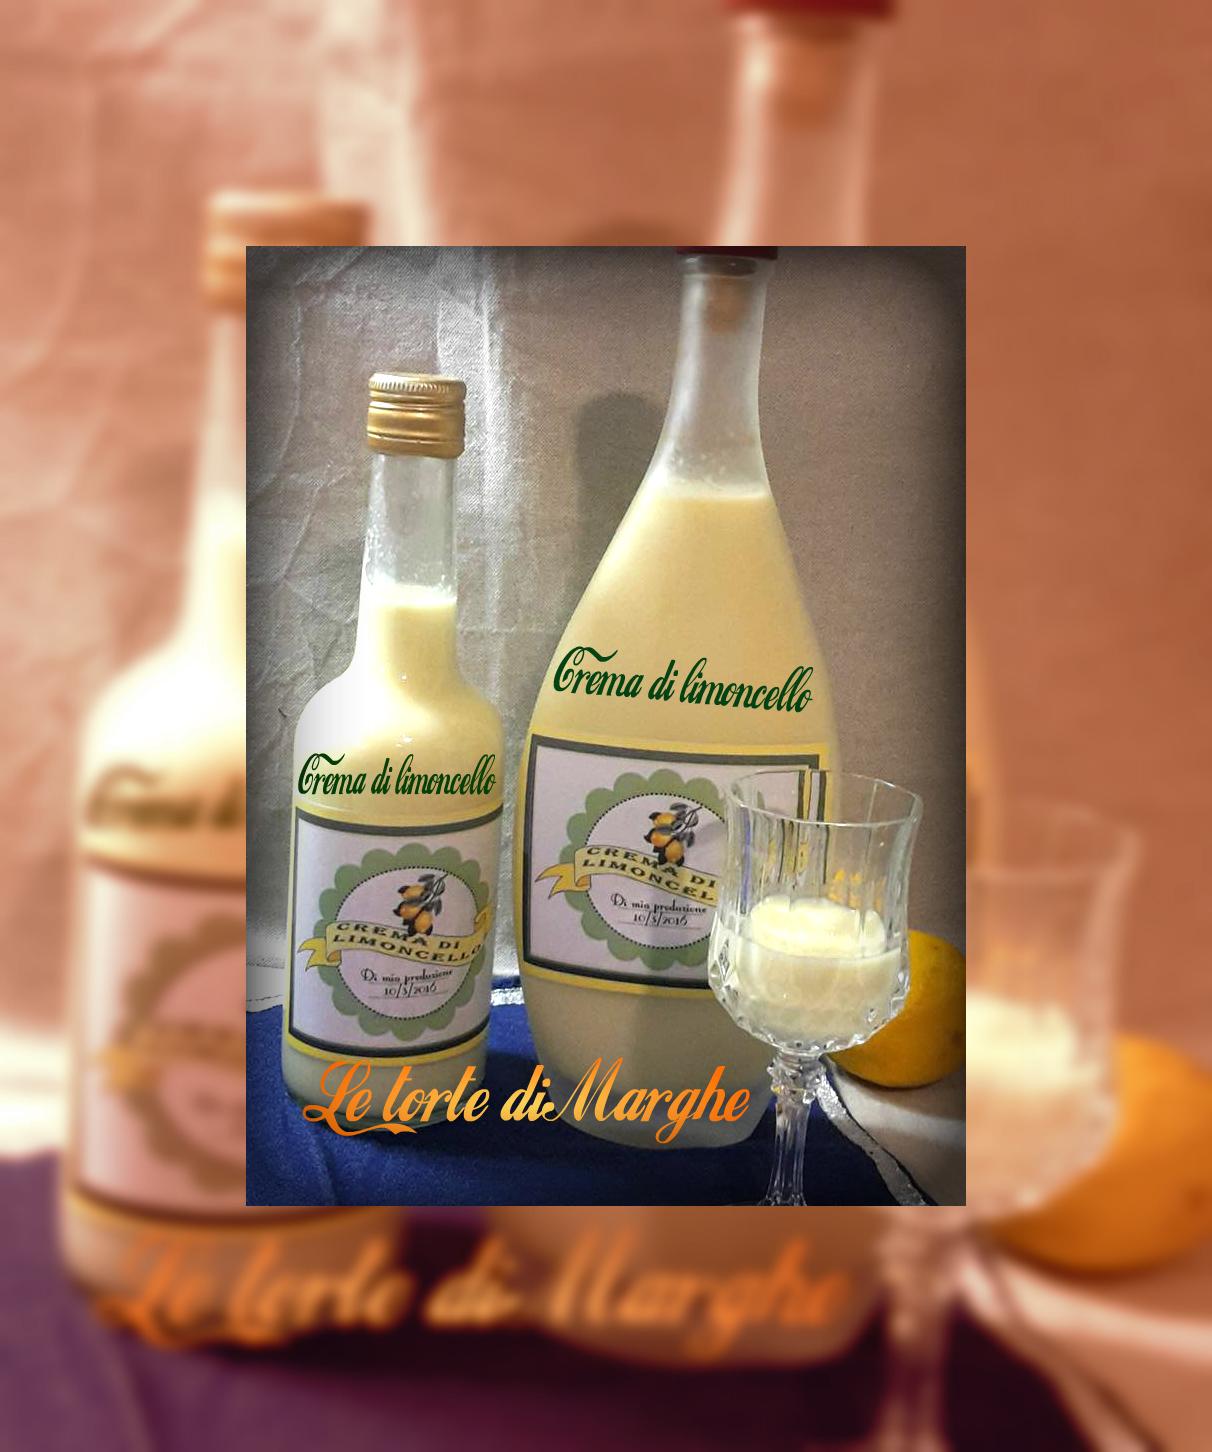 Liquore crema di limoncello